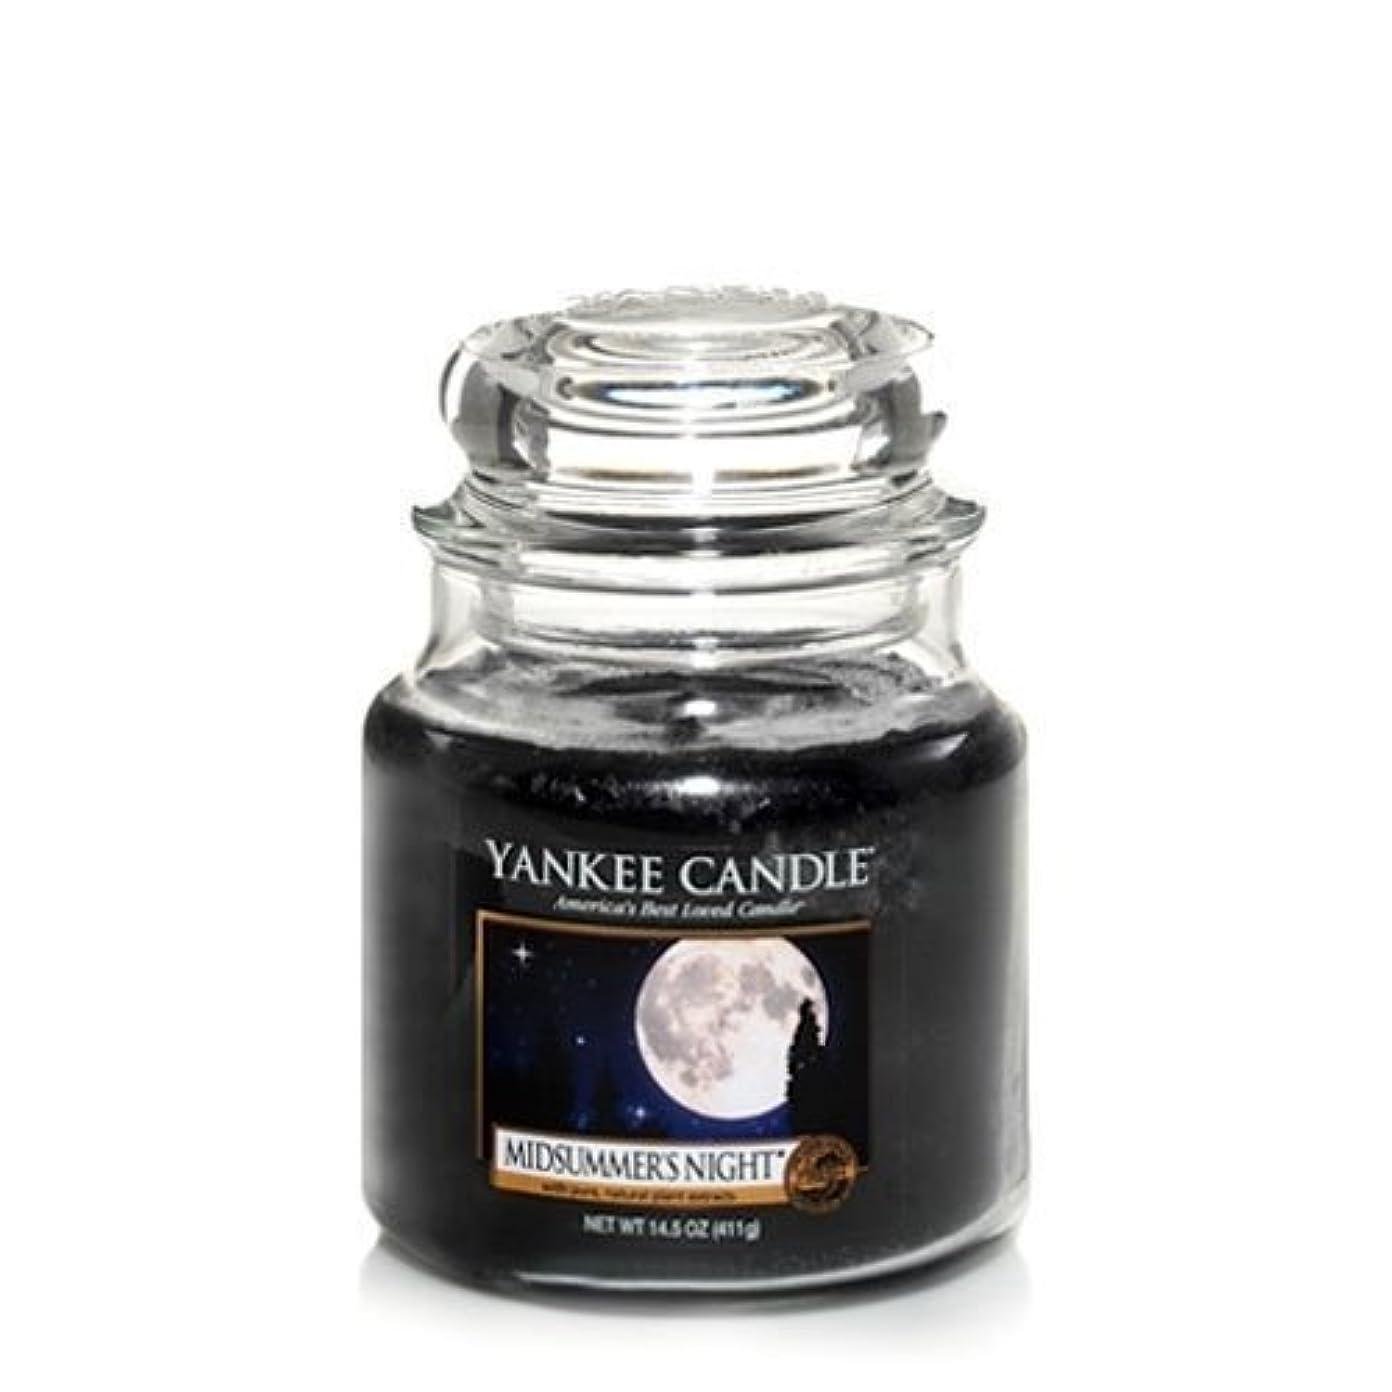 器具太平洋諸島レイプYankee Candle Midsummer's Night Medium Jar Candle, Fresh Scent by Yankee Candle [並行輸入品]